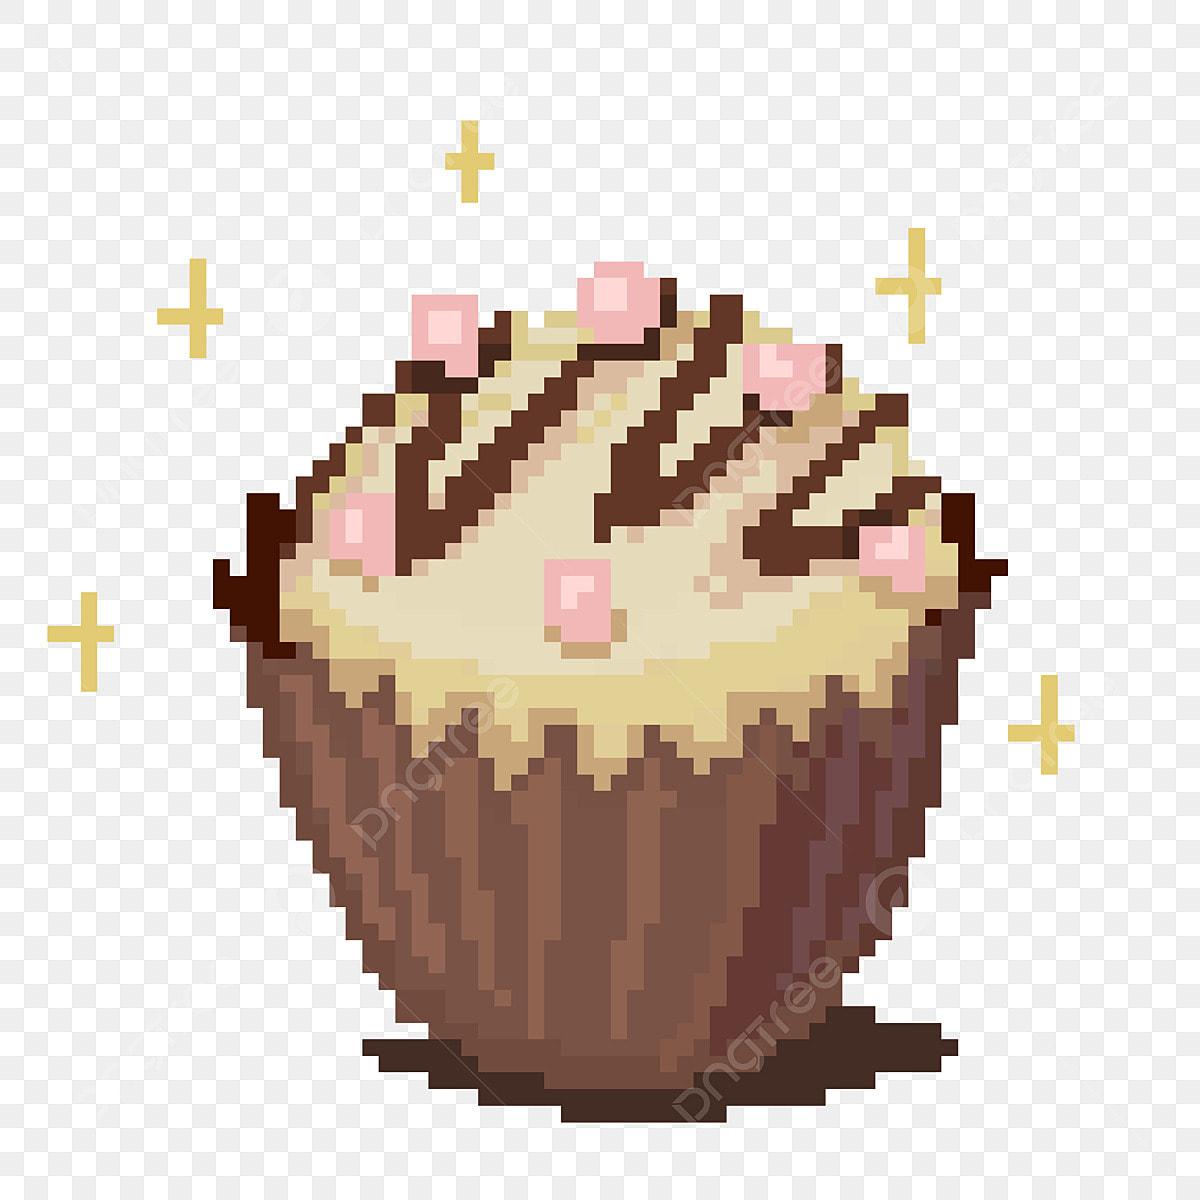 Peinture Pixel Gateau Au Chocolat Illustration Pixelisee Chocolat Pixel Nourriture Gateau Fichier Png Et Psd Pour Le Telechargement Libre